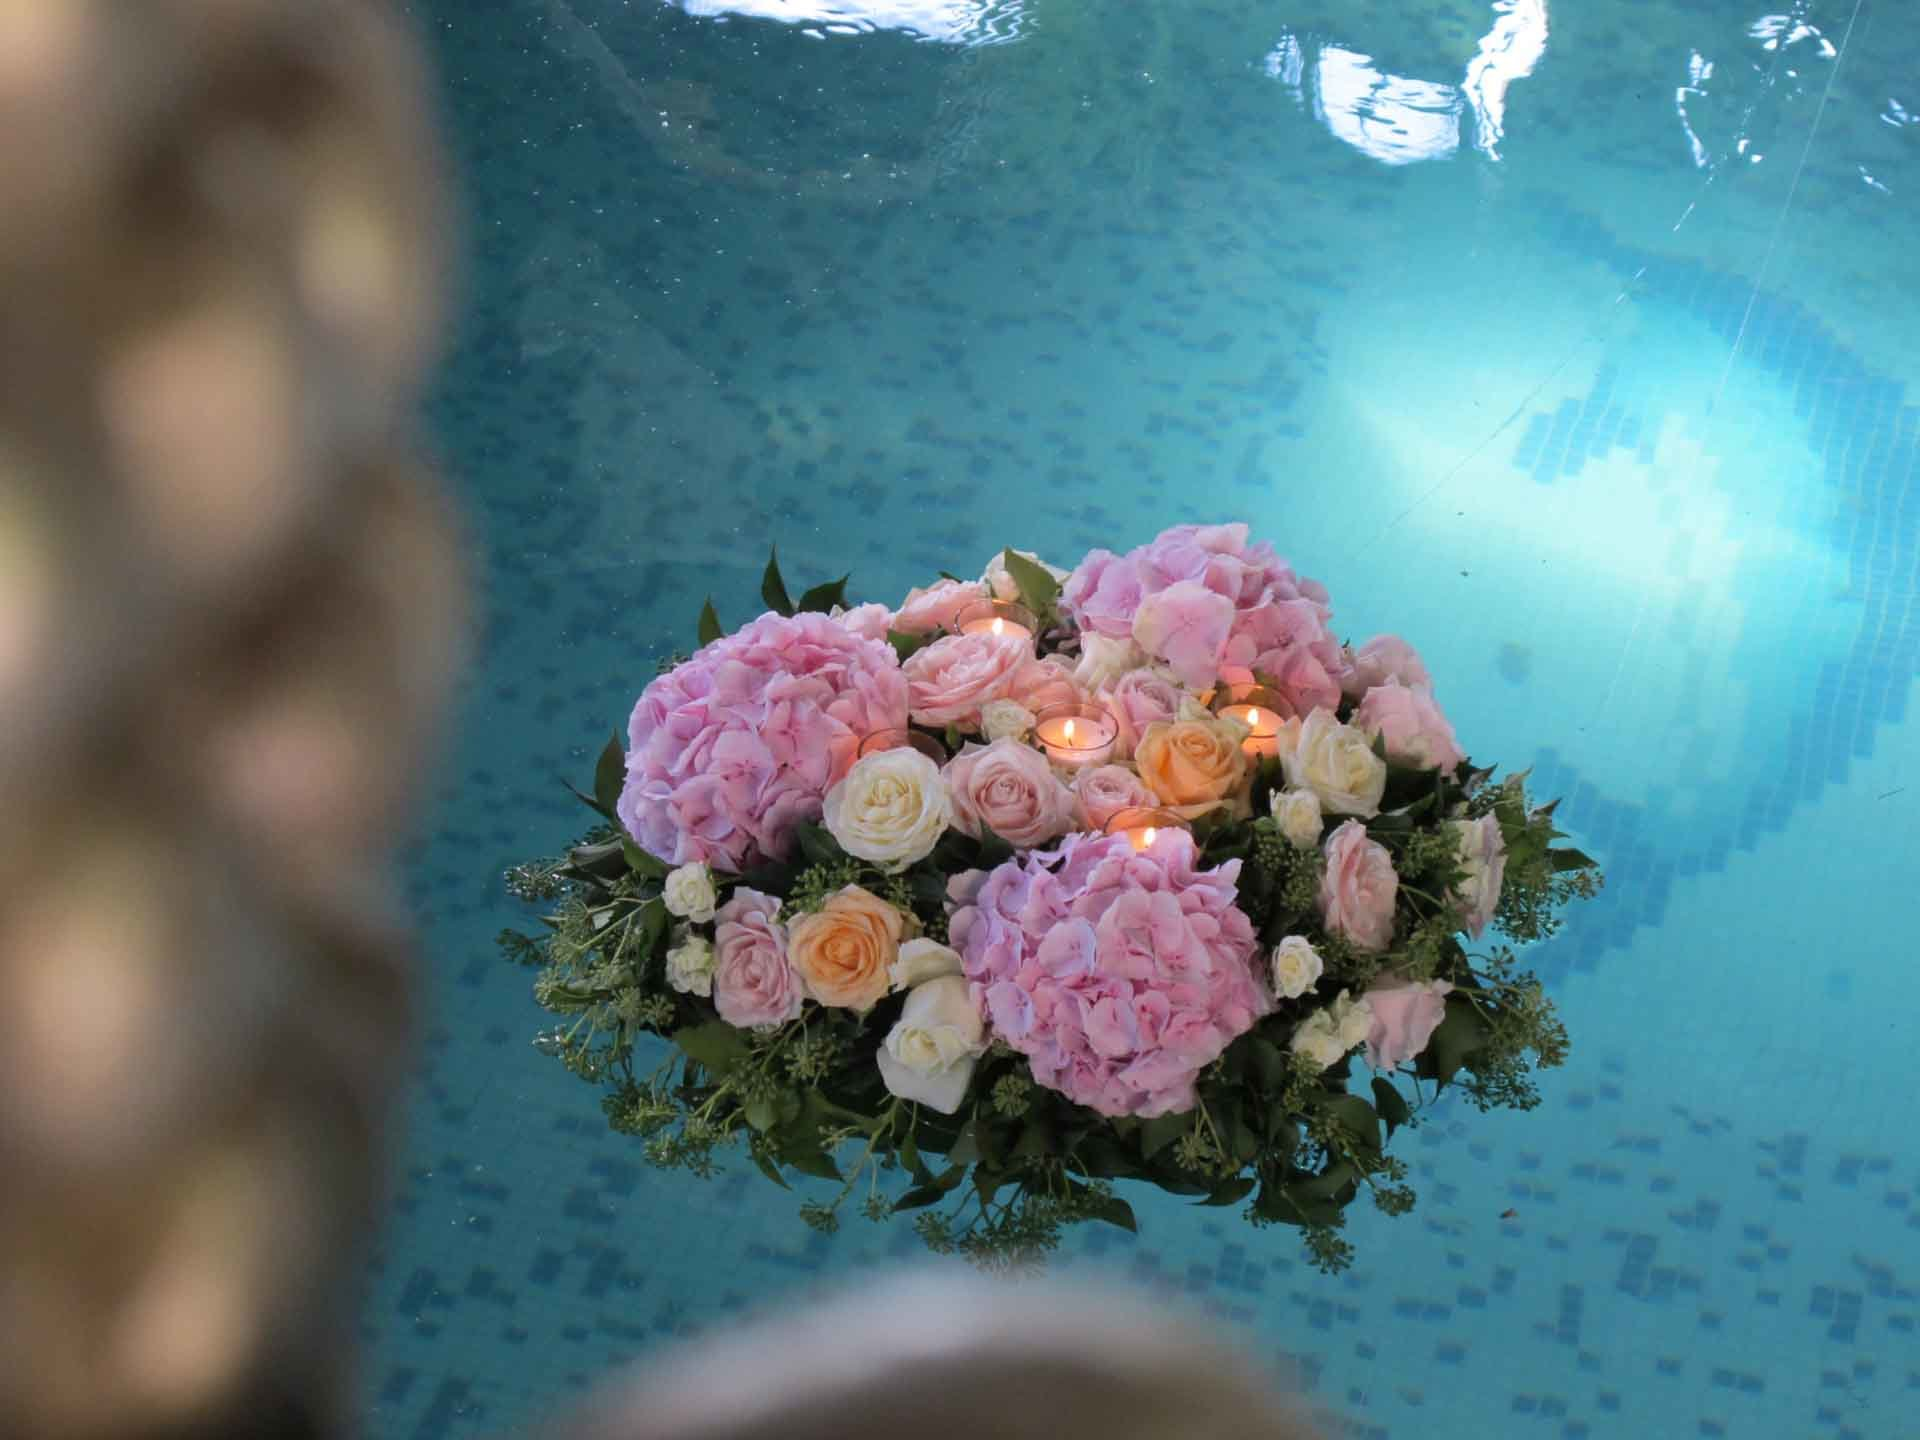 Un bouquet flottant à la surface d'un bassin